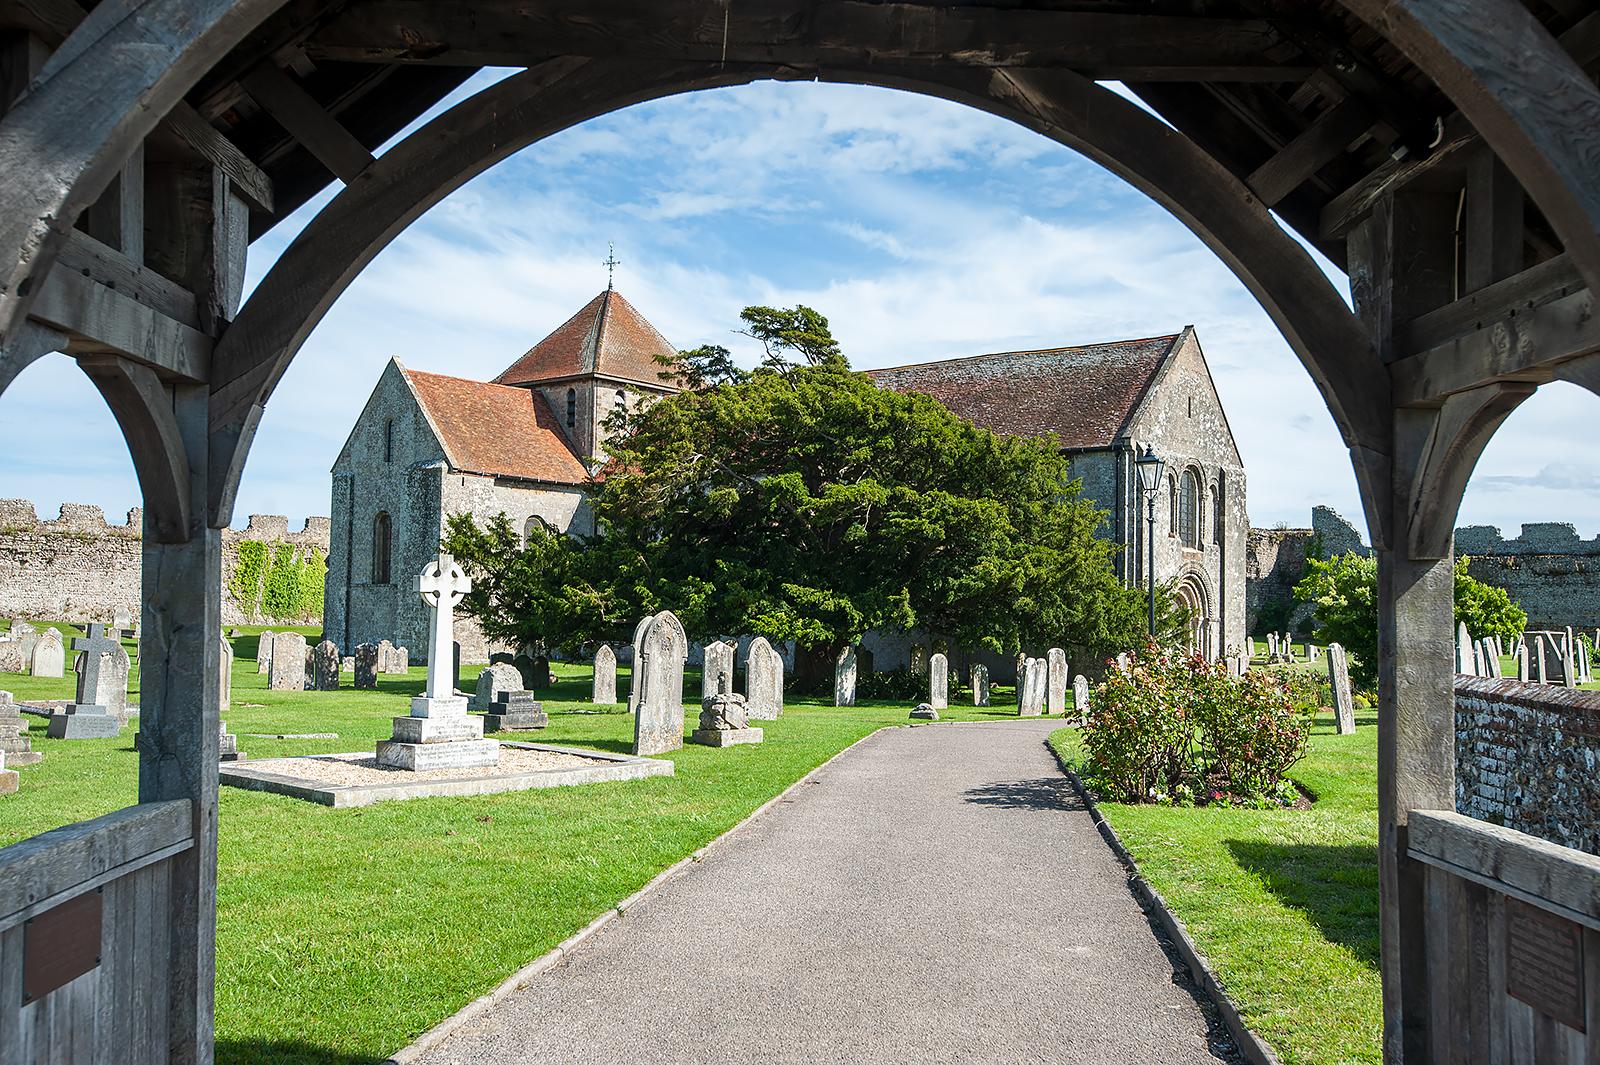 Anglie-Portchester-Portchester_Castle_4.jpg